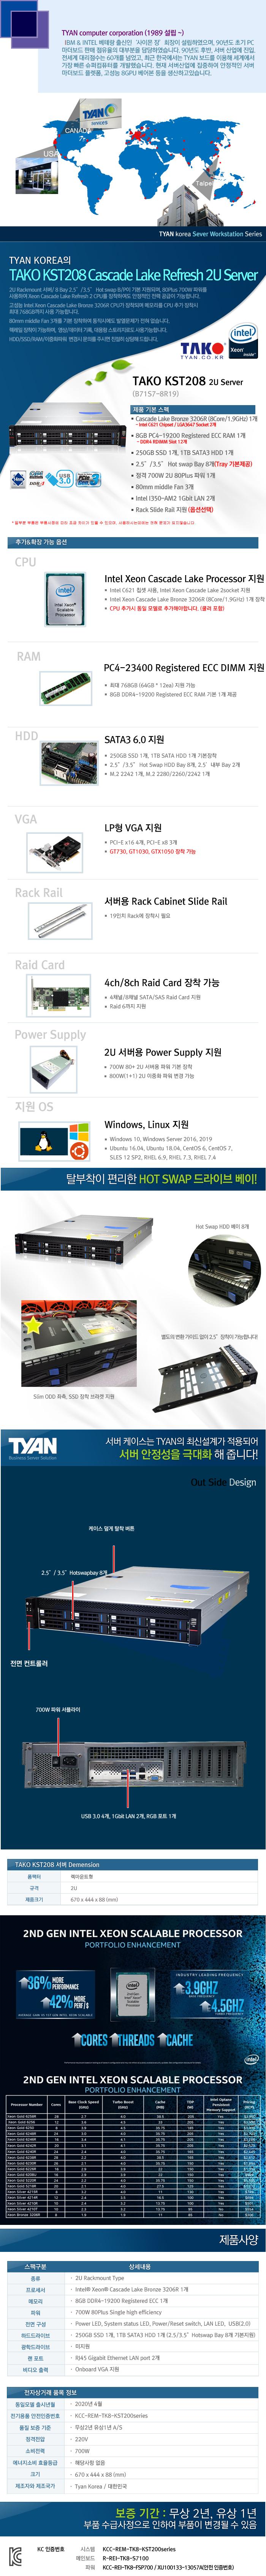 TYAN TAKO-KST208-(B71S7-8R19) (8GB, SSD 250GB + 1TB)